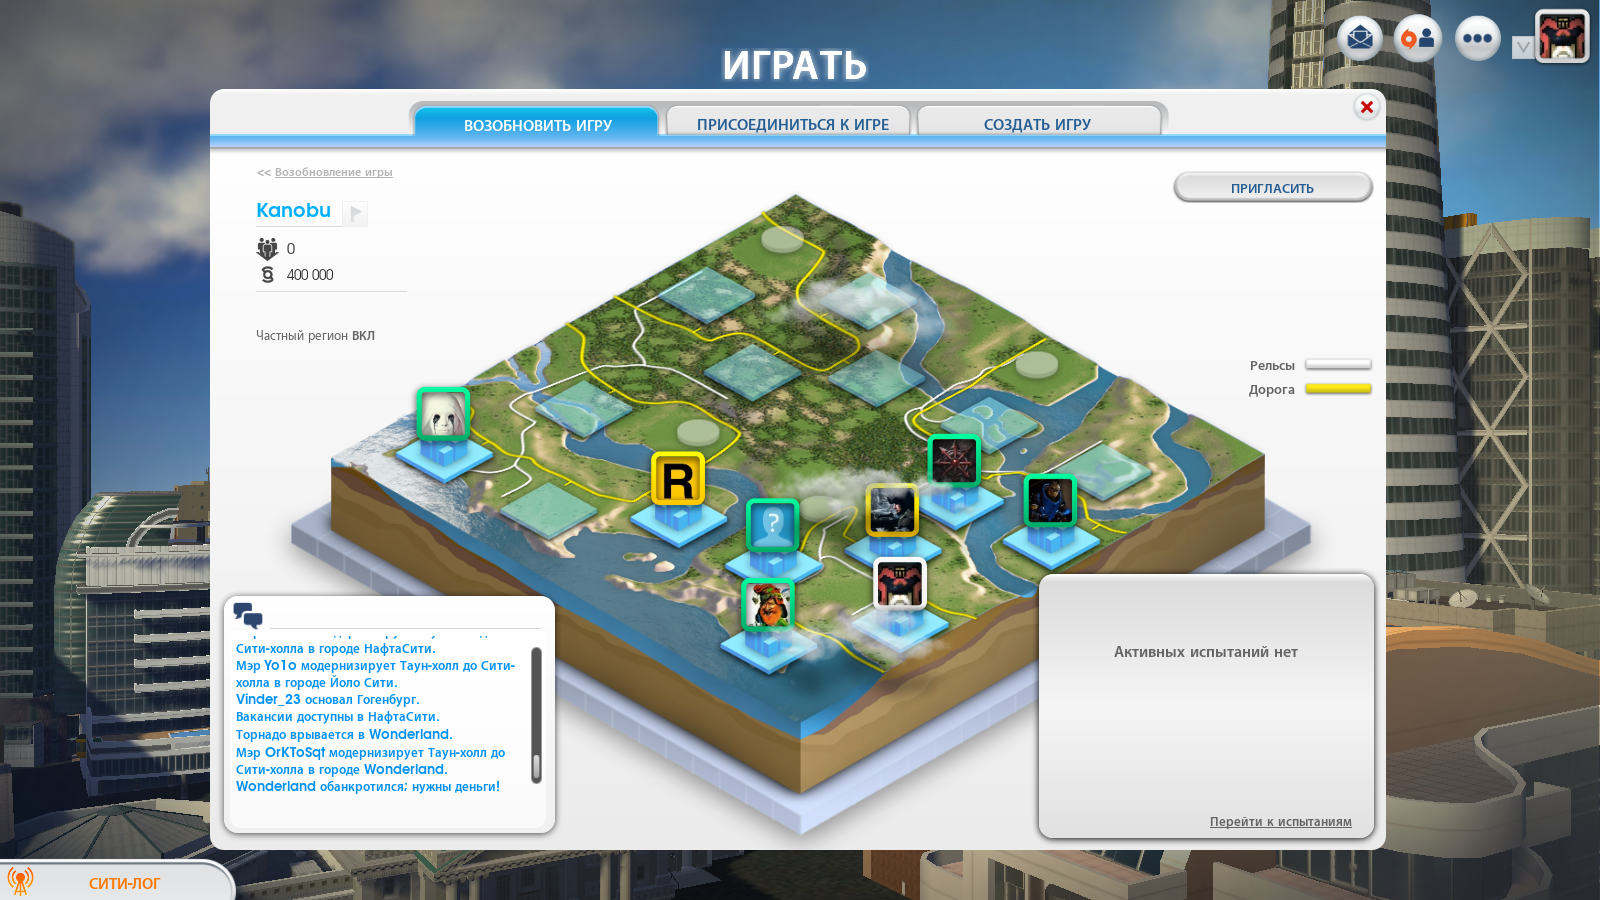 А в SimCity появился регион Канобу ! Пол региона еще не заселено =) Обращаться к Yo1o для добавления. - Изображение 1